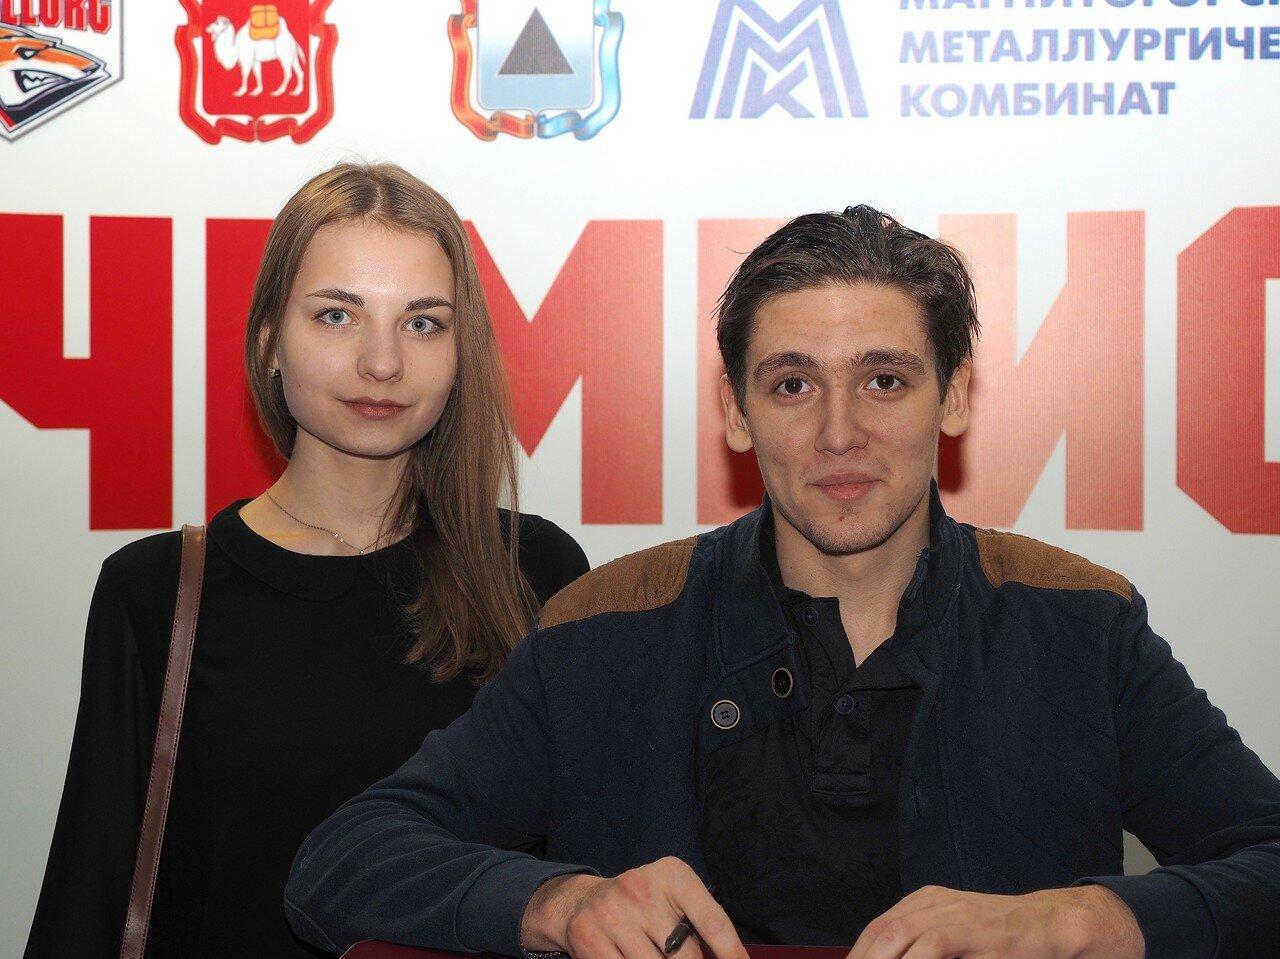 107Металлург - Cпартак 26.12.2015